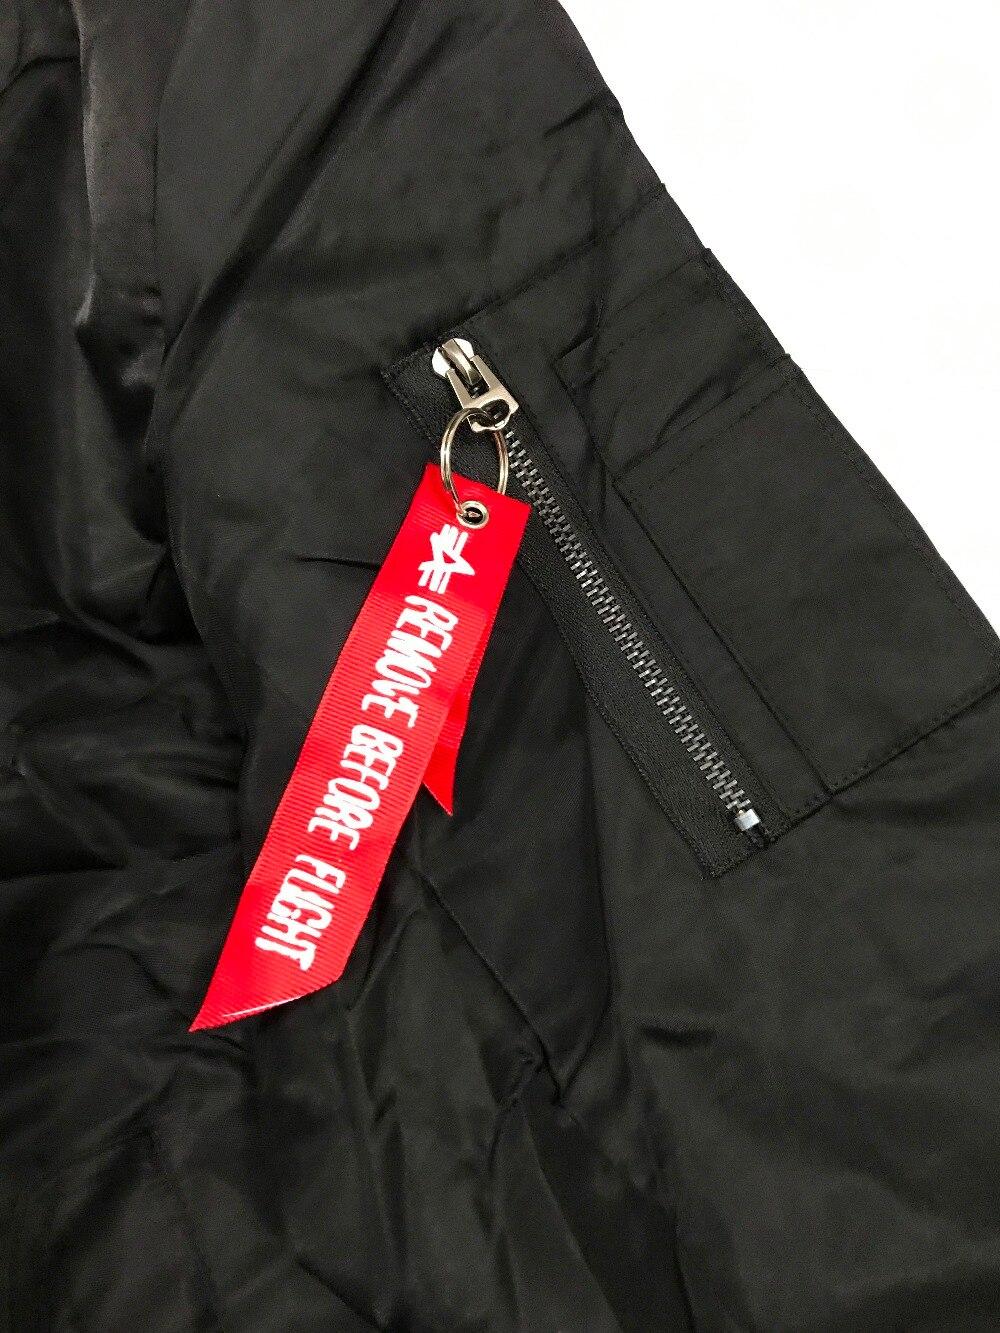 Hiver Bomber Coupe Noir Green Douleur Aucune bleu Nouveau Hip army Manteau Imprimer Style Militaire Streetwear bourgogne Hommes Mens Hop Vêtements vent Veste 54v48wRq